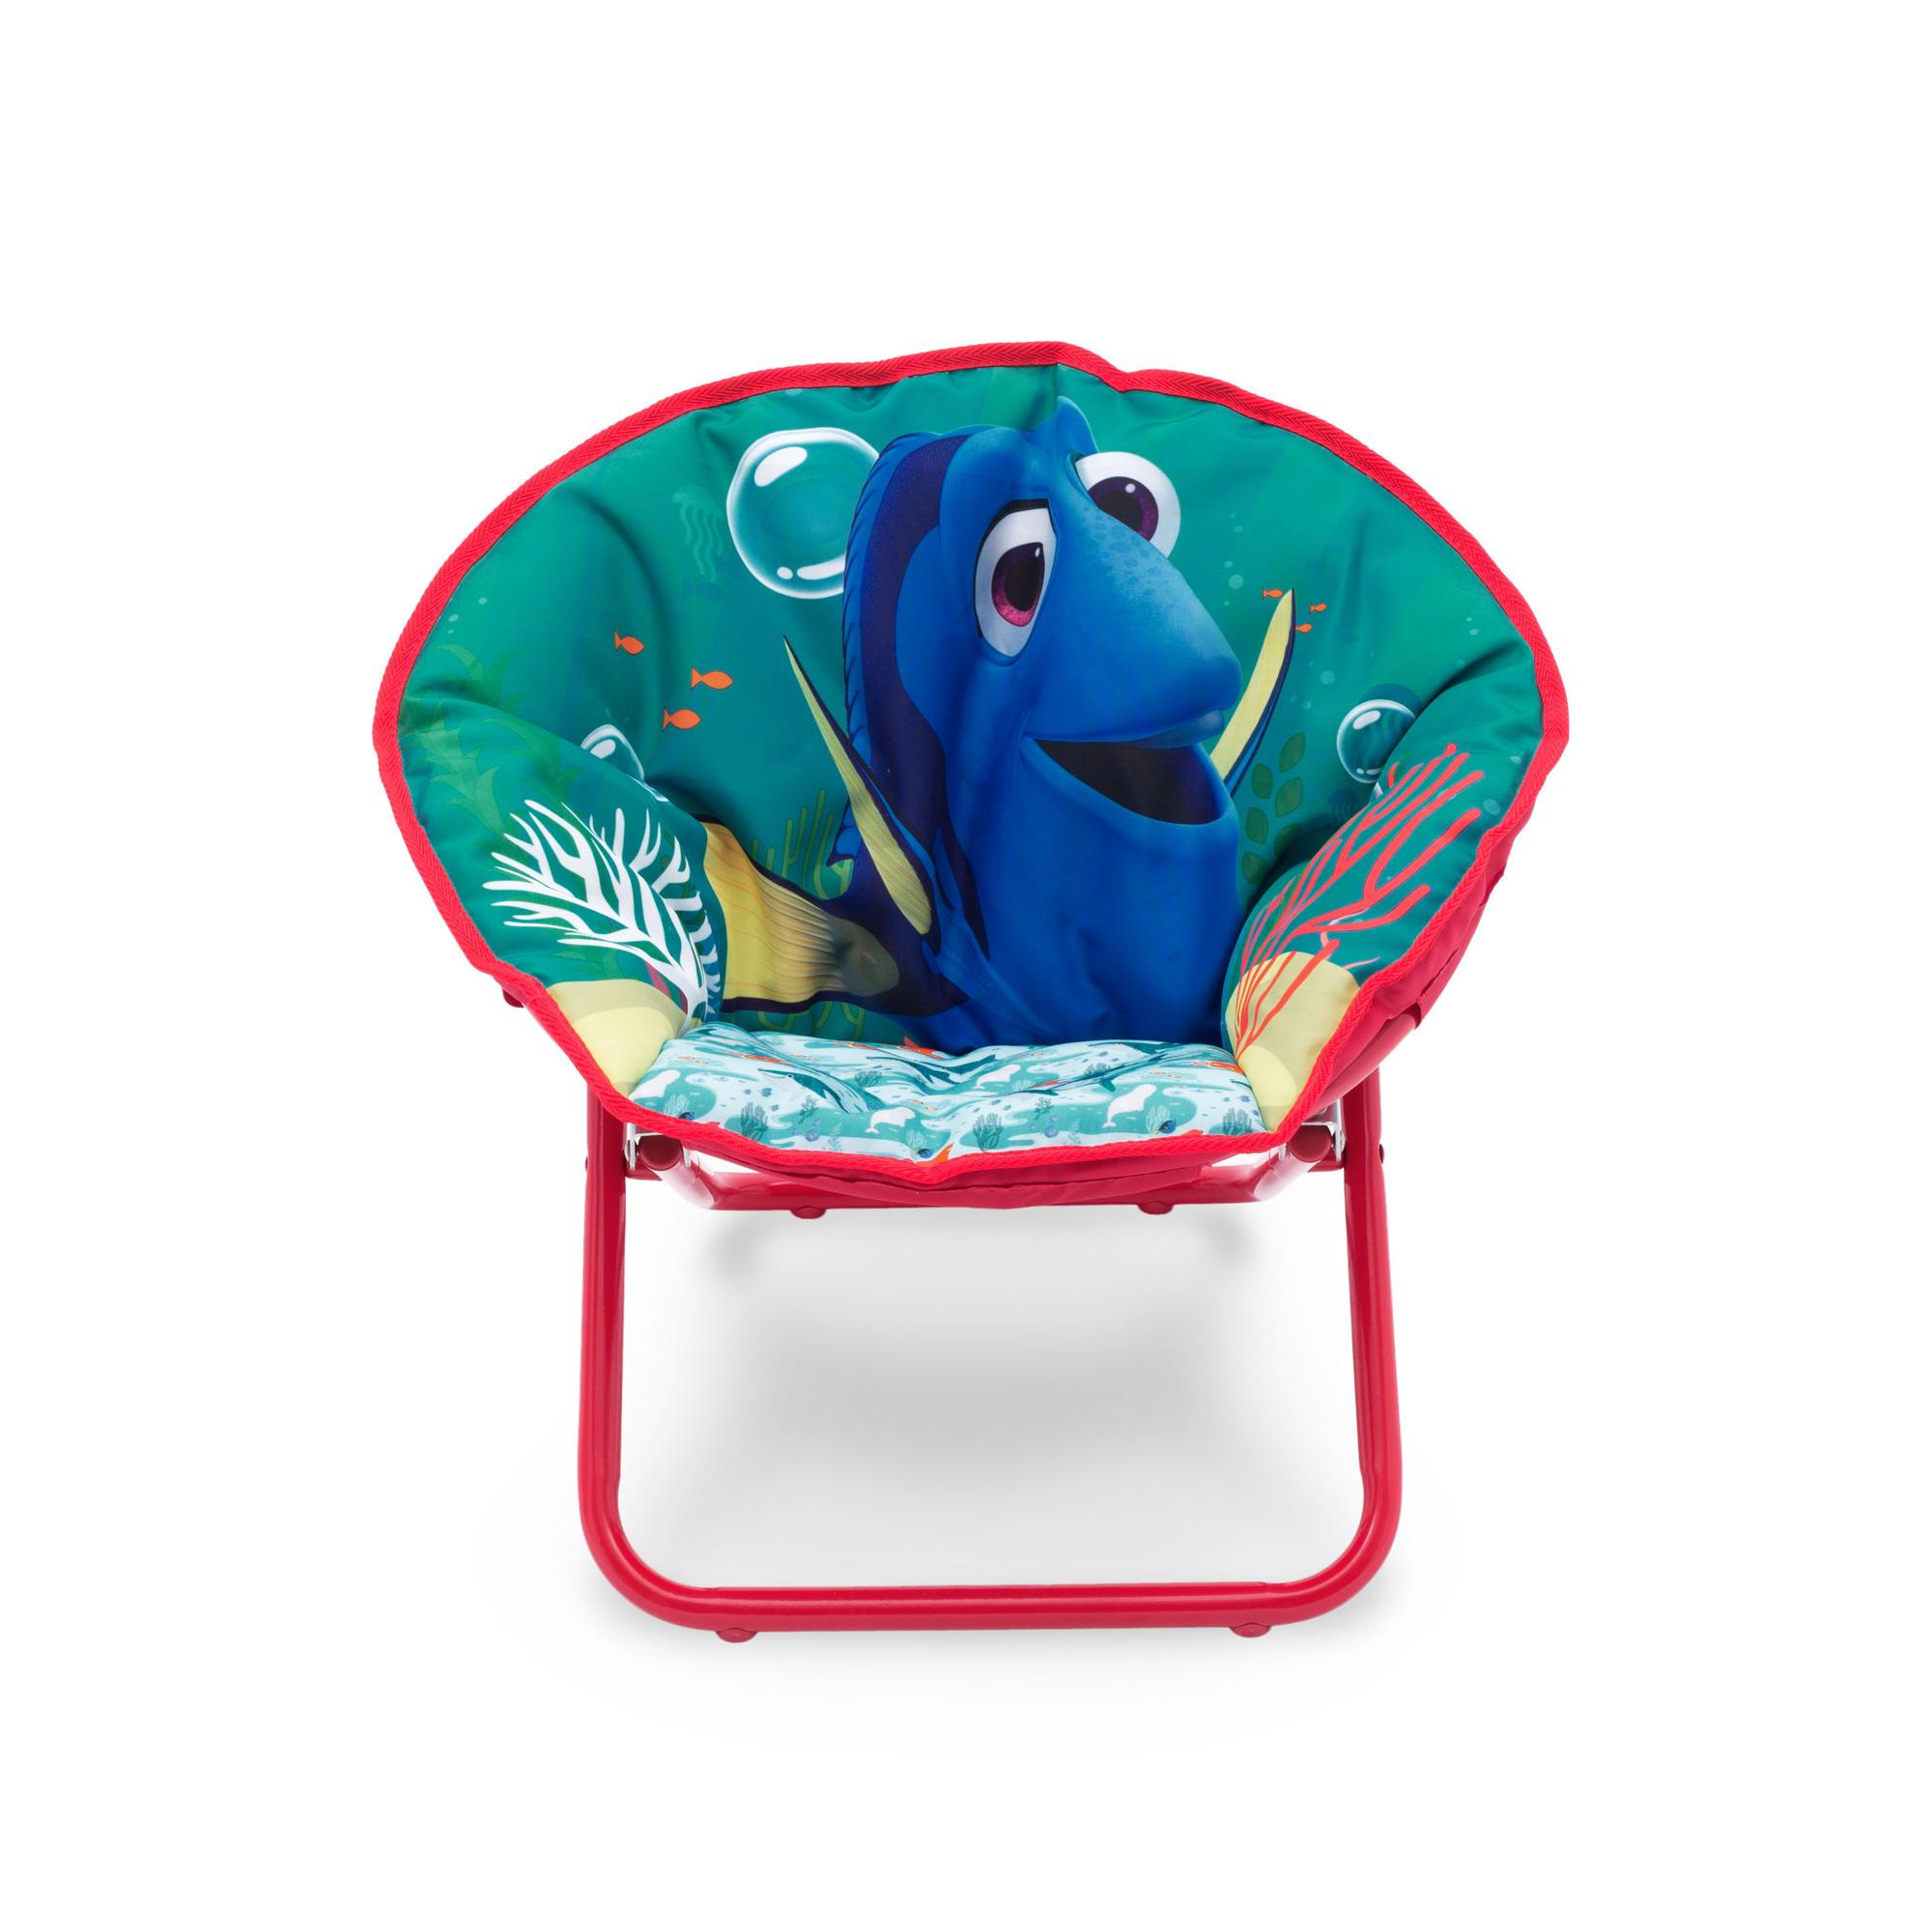 Dětská rozkládací židlička Dory